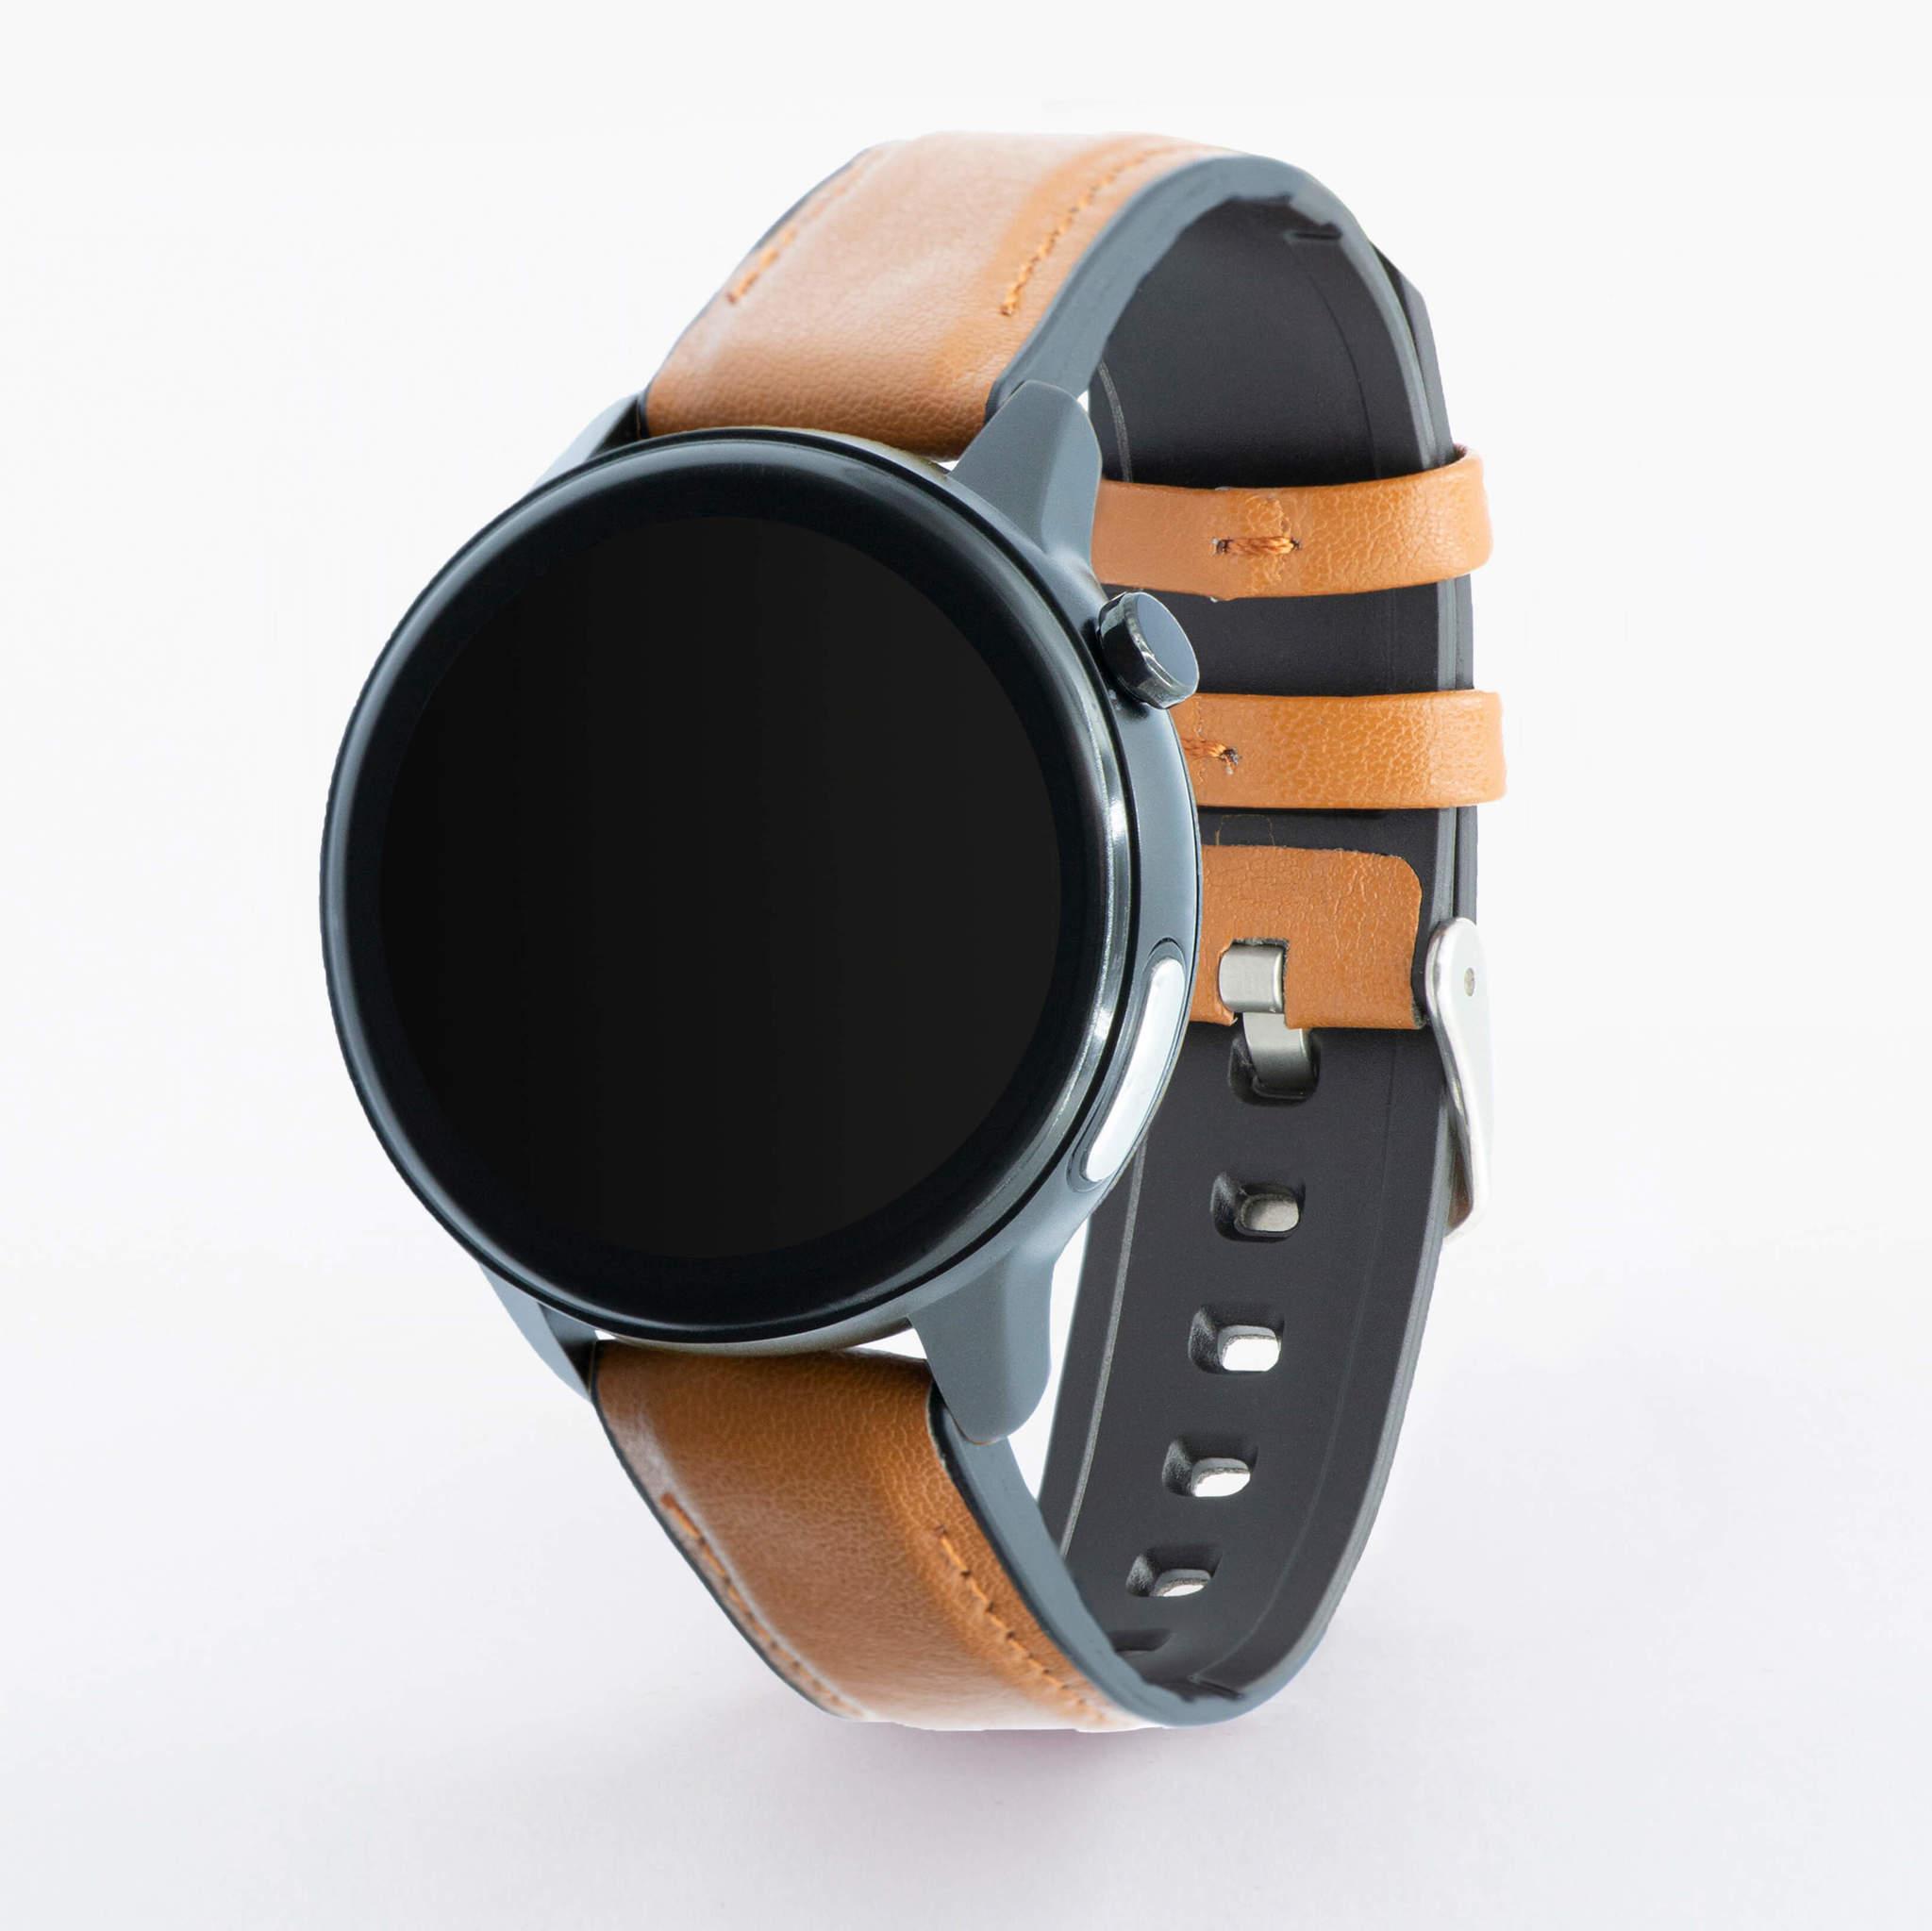 Профессиональные часы здоровья с автоматическим измерением температуры тела, давления, пульса, кислорода, снятием ЭКГ и контролем аномального пульса Health Watch Pro №80 (коричневый силикон)